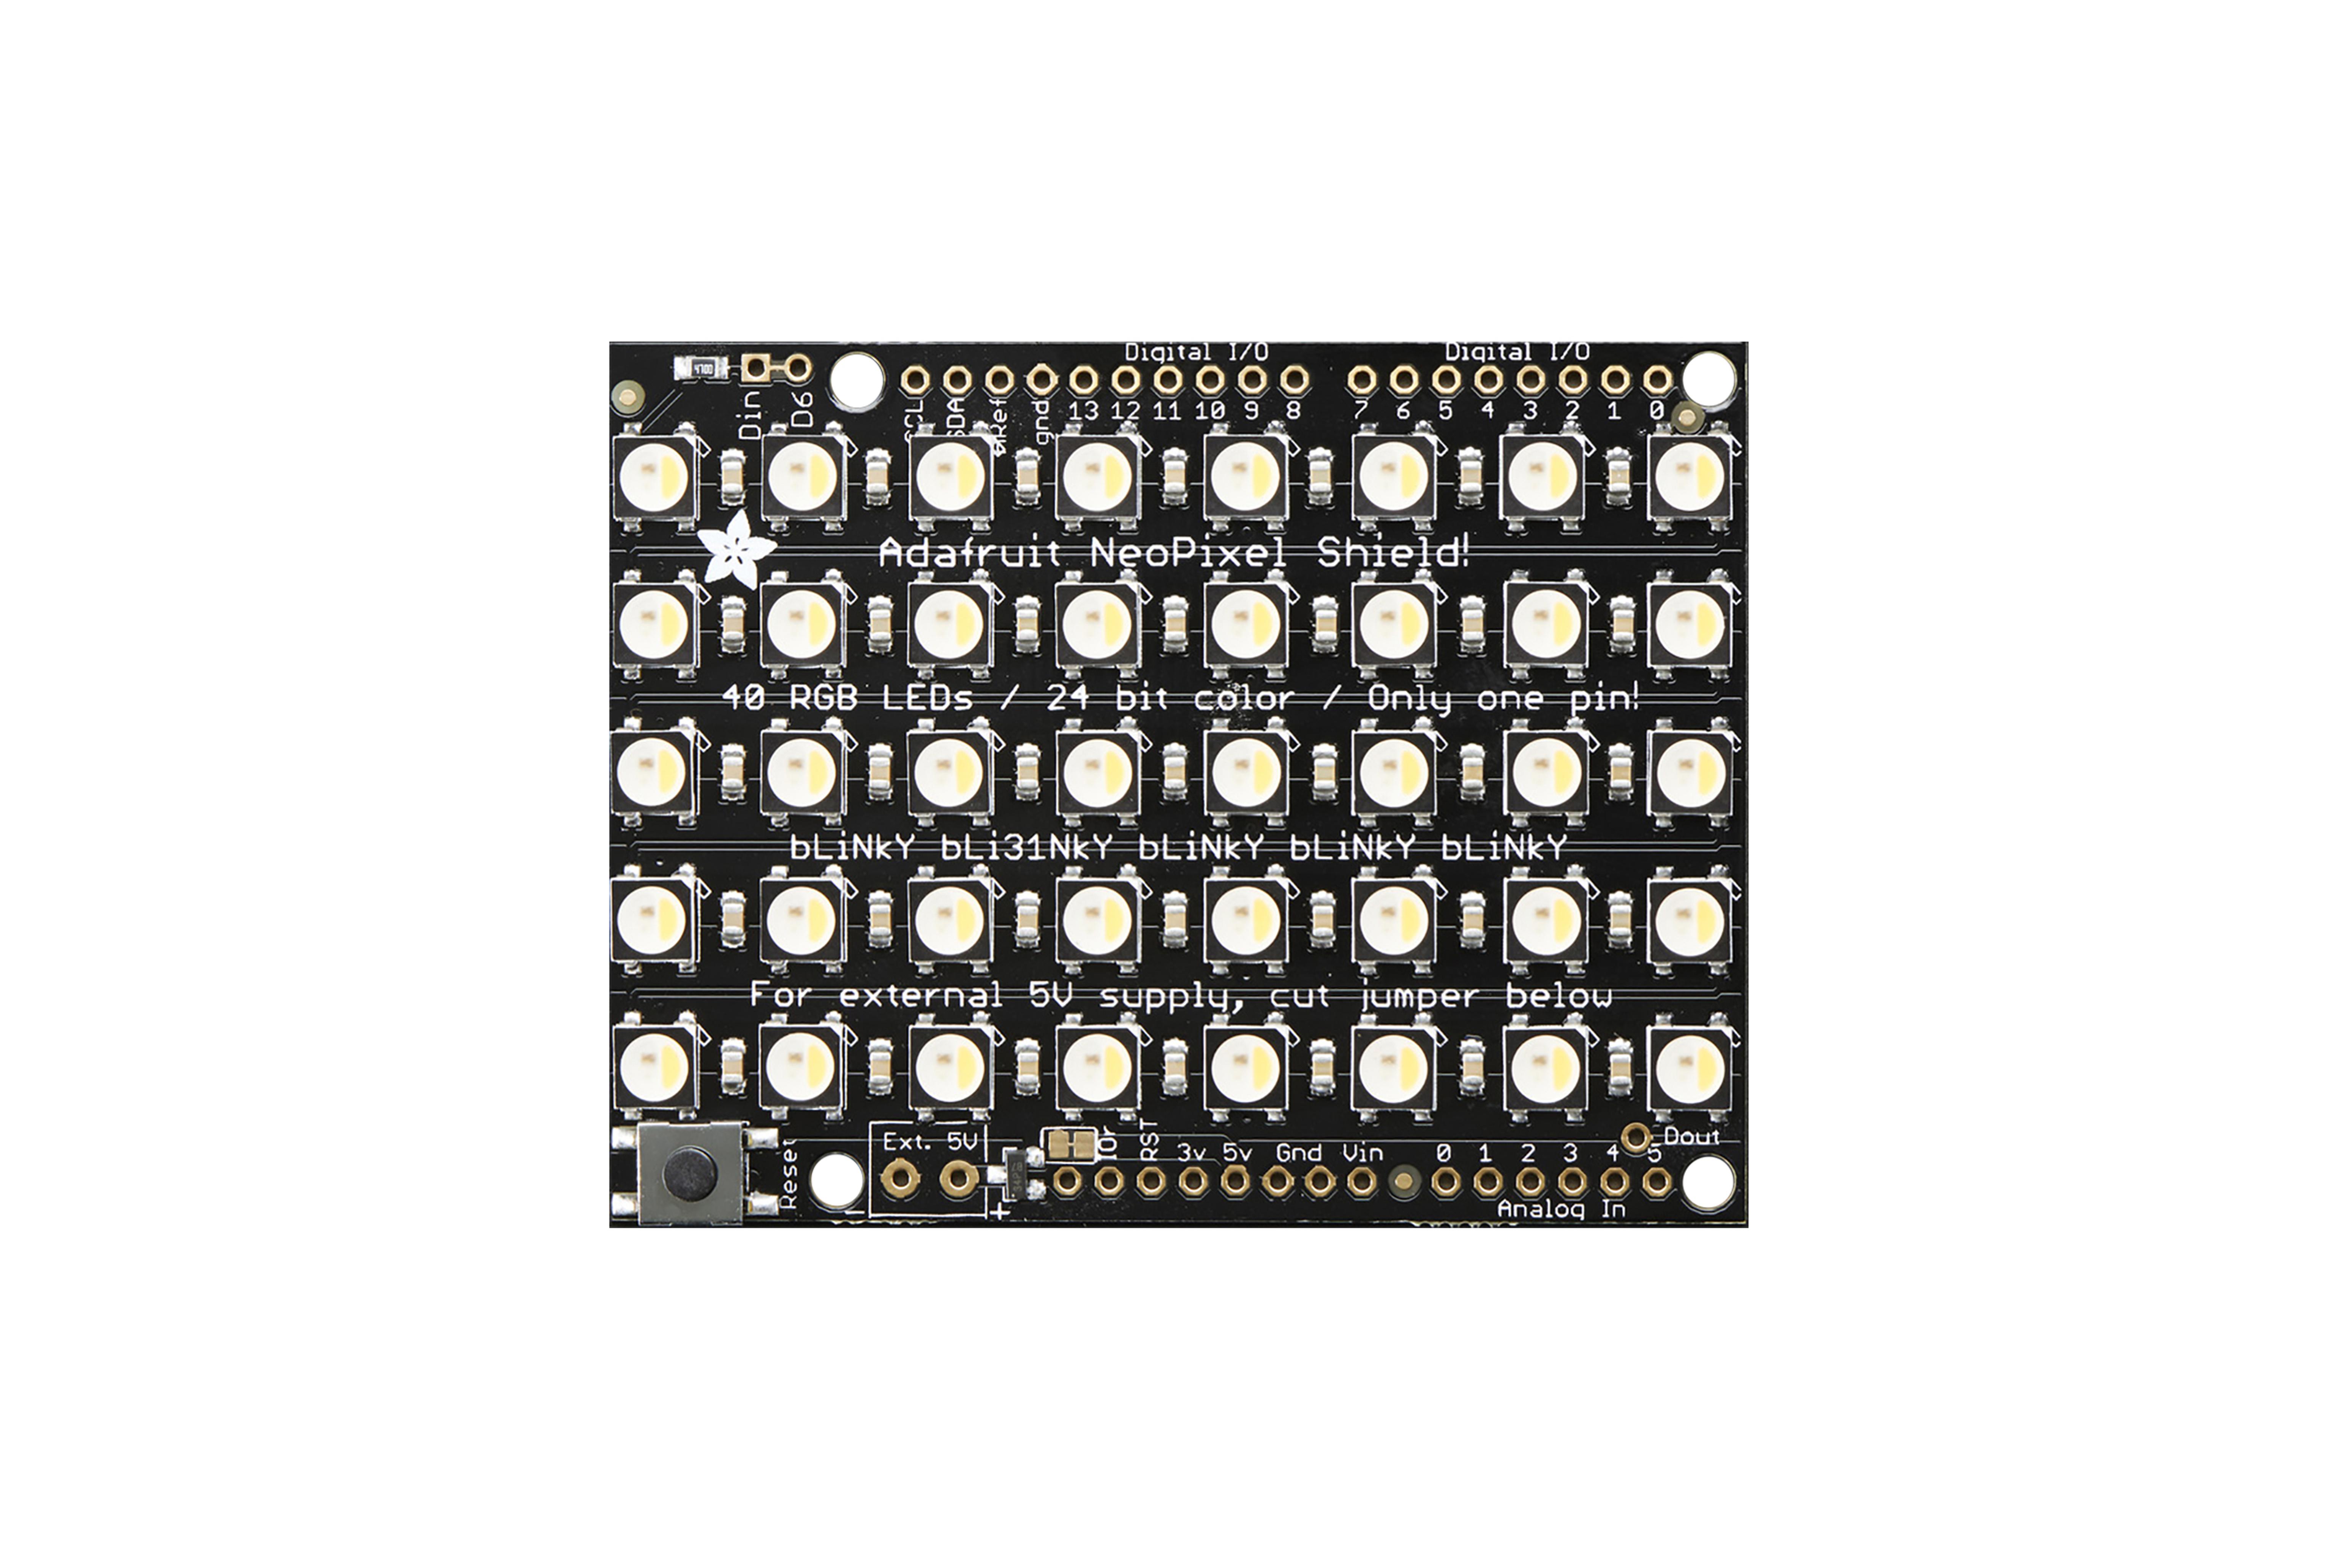 NEOPIXEL SHIELD 40 RGBW LED SHIELD 3000 K